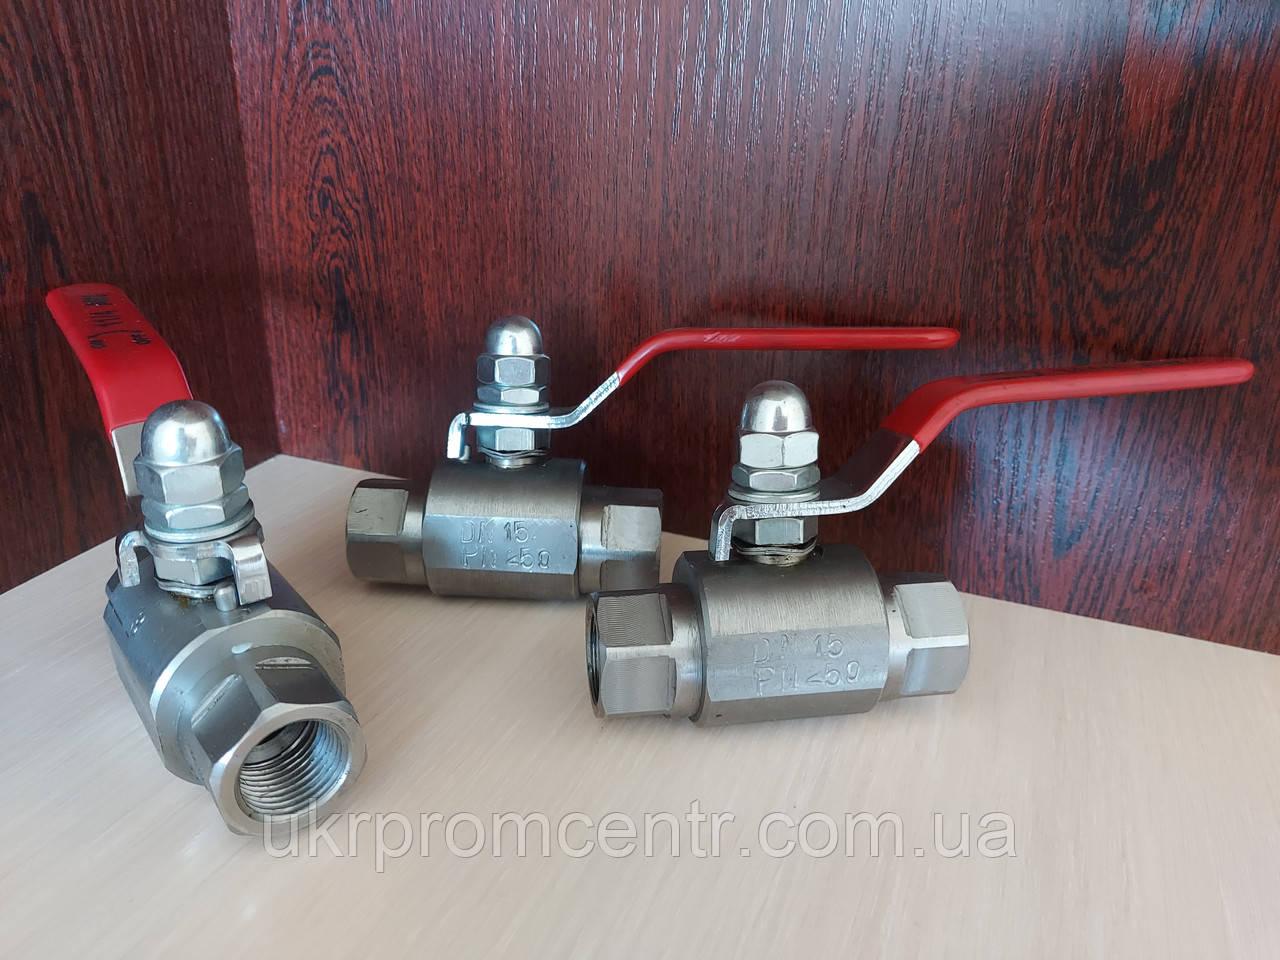 Кран шаровый муфтовый КШ.15 на давление РN160, PN250, PN400, PN600